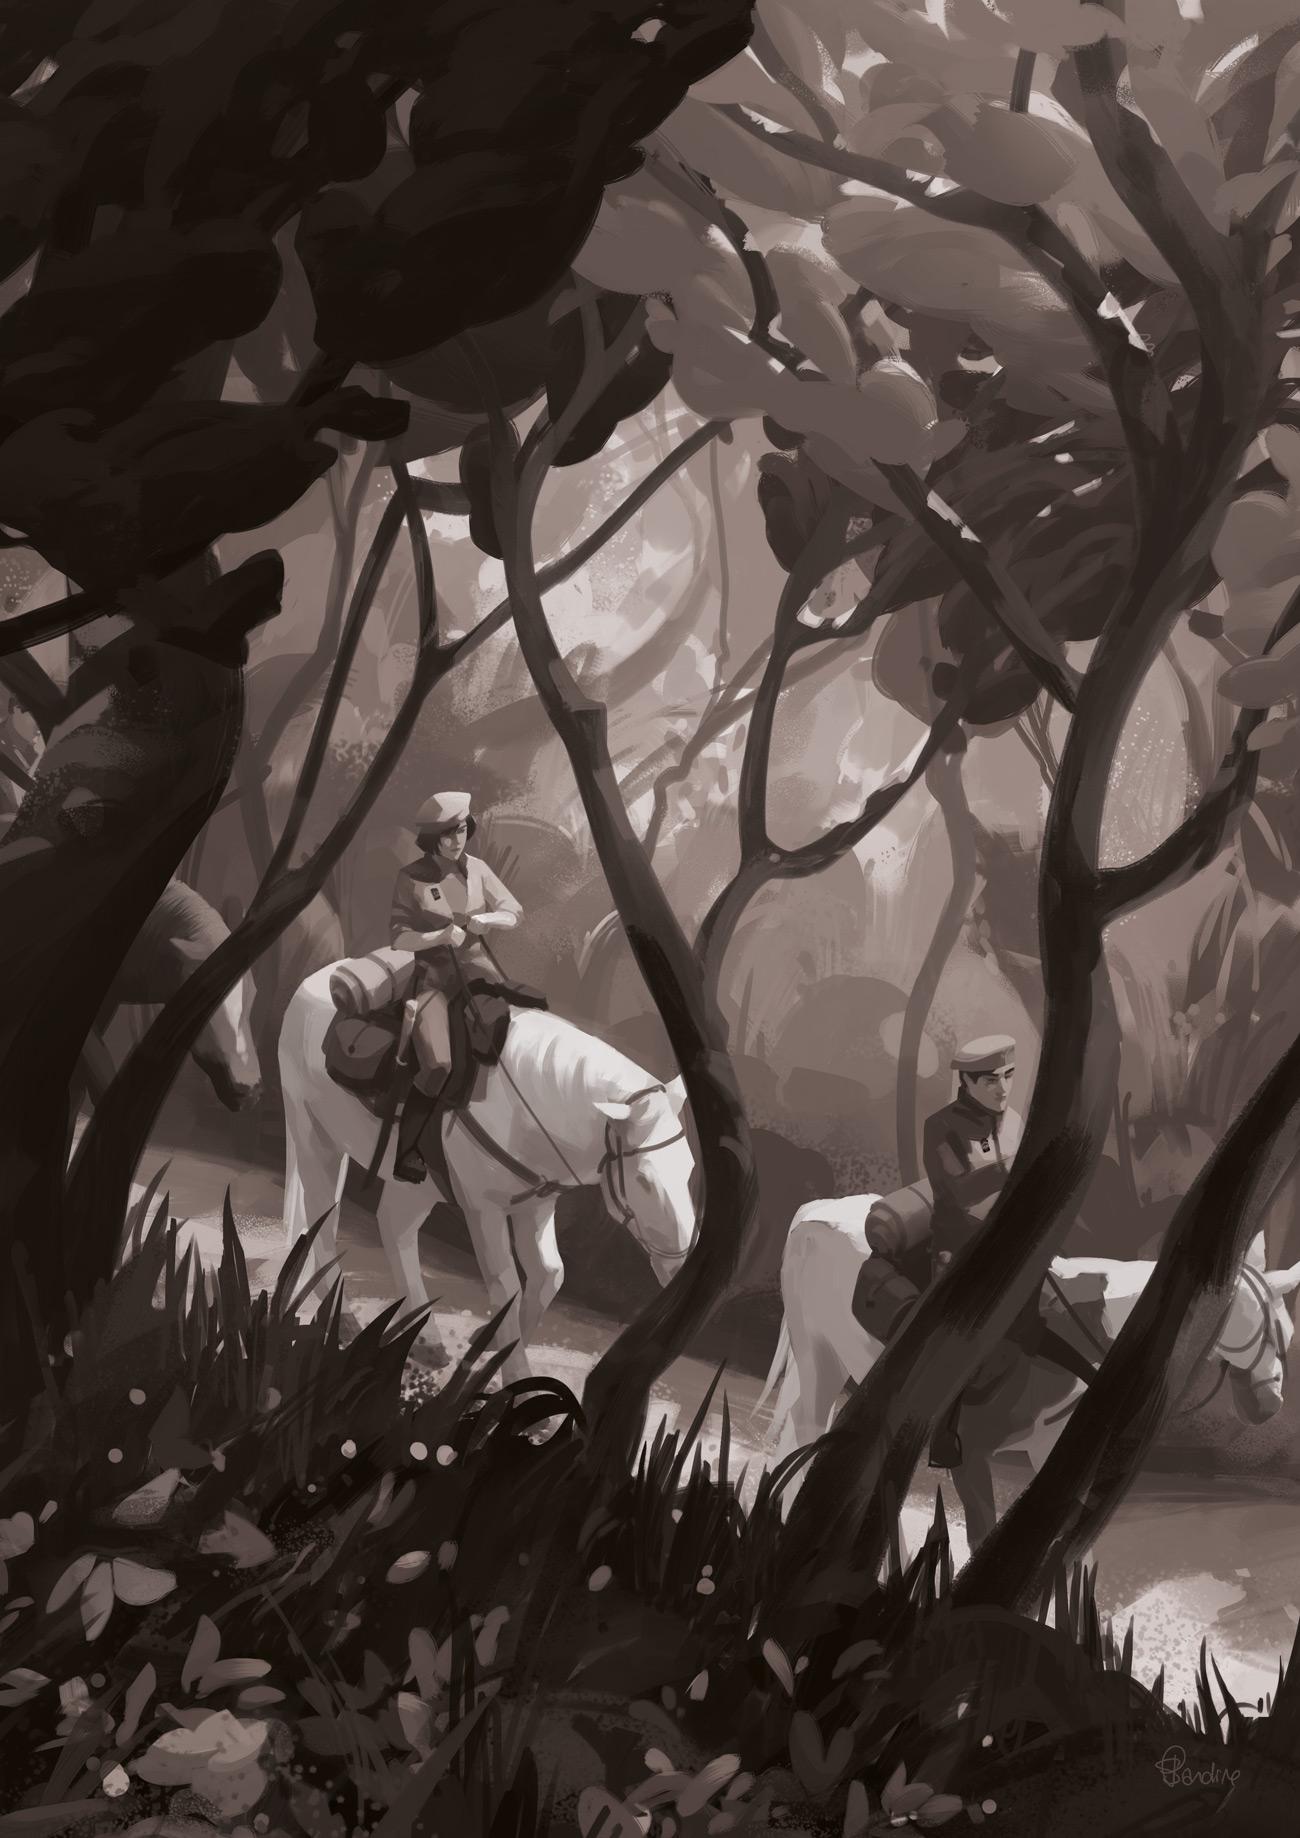 Illustration de Sandrine Pilloud | To kamikochi, version noire et blanche | Livre Kanako Sawada écrit par Lionel Tardy